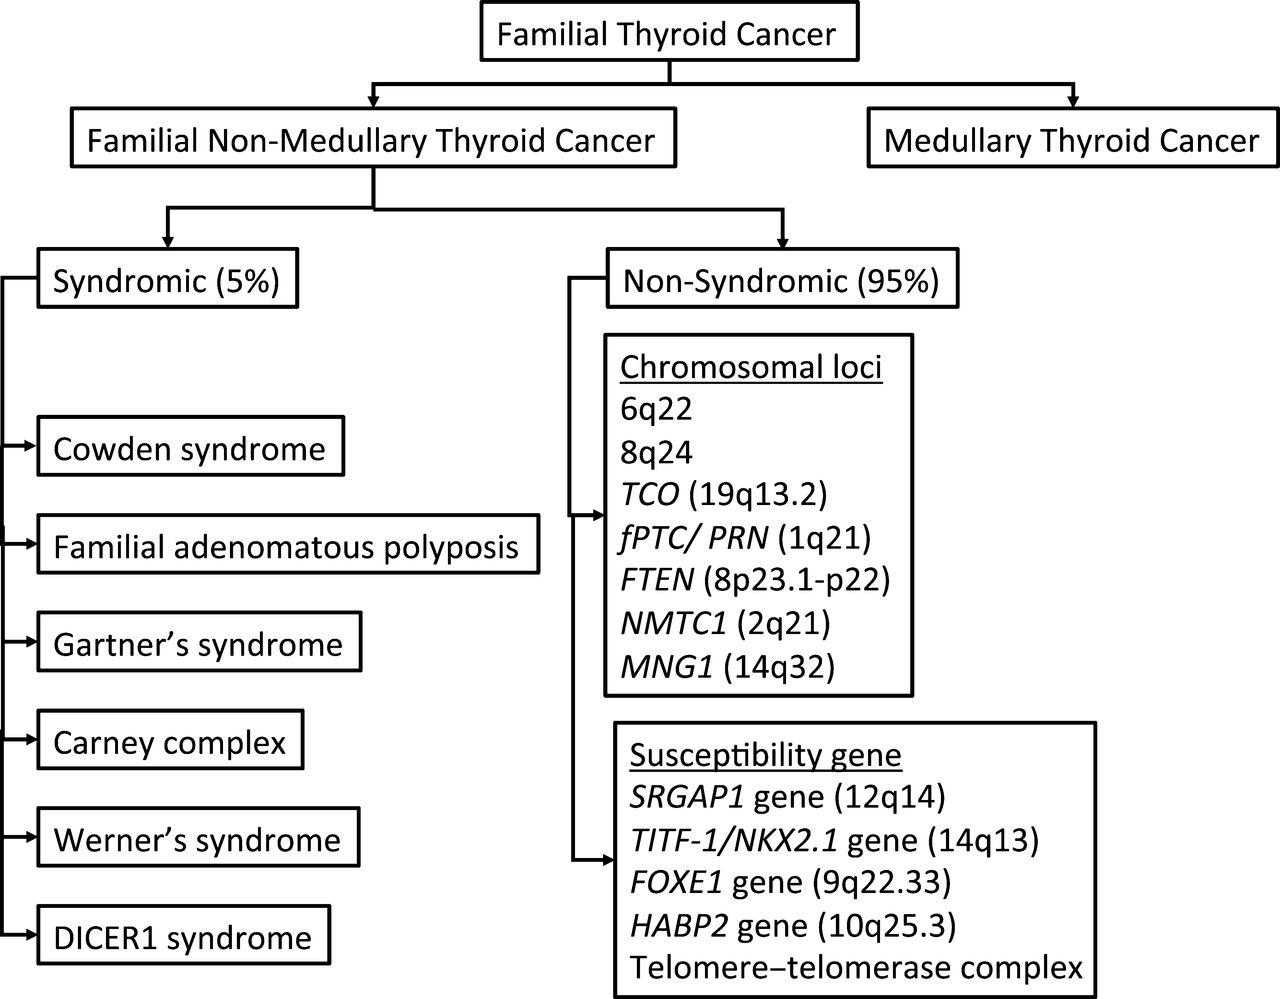 papillary thyroid cancer familial